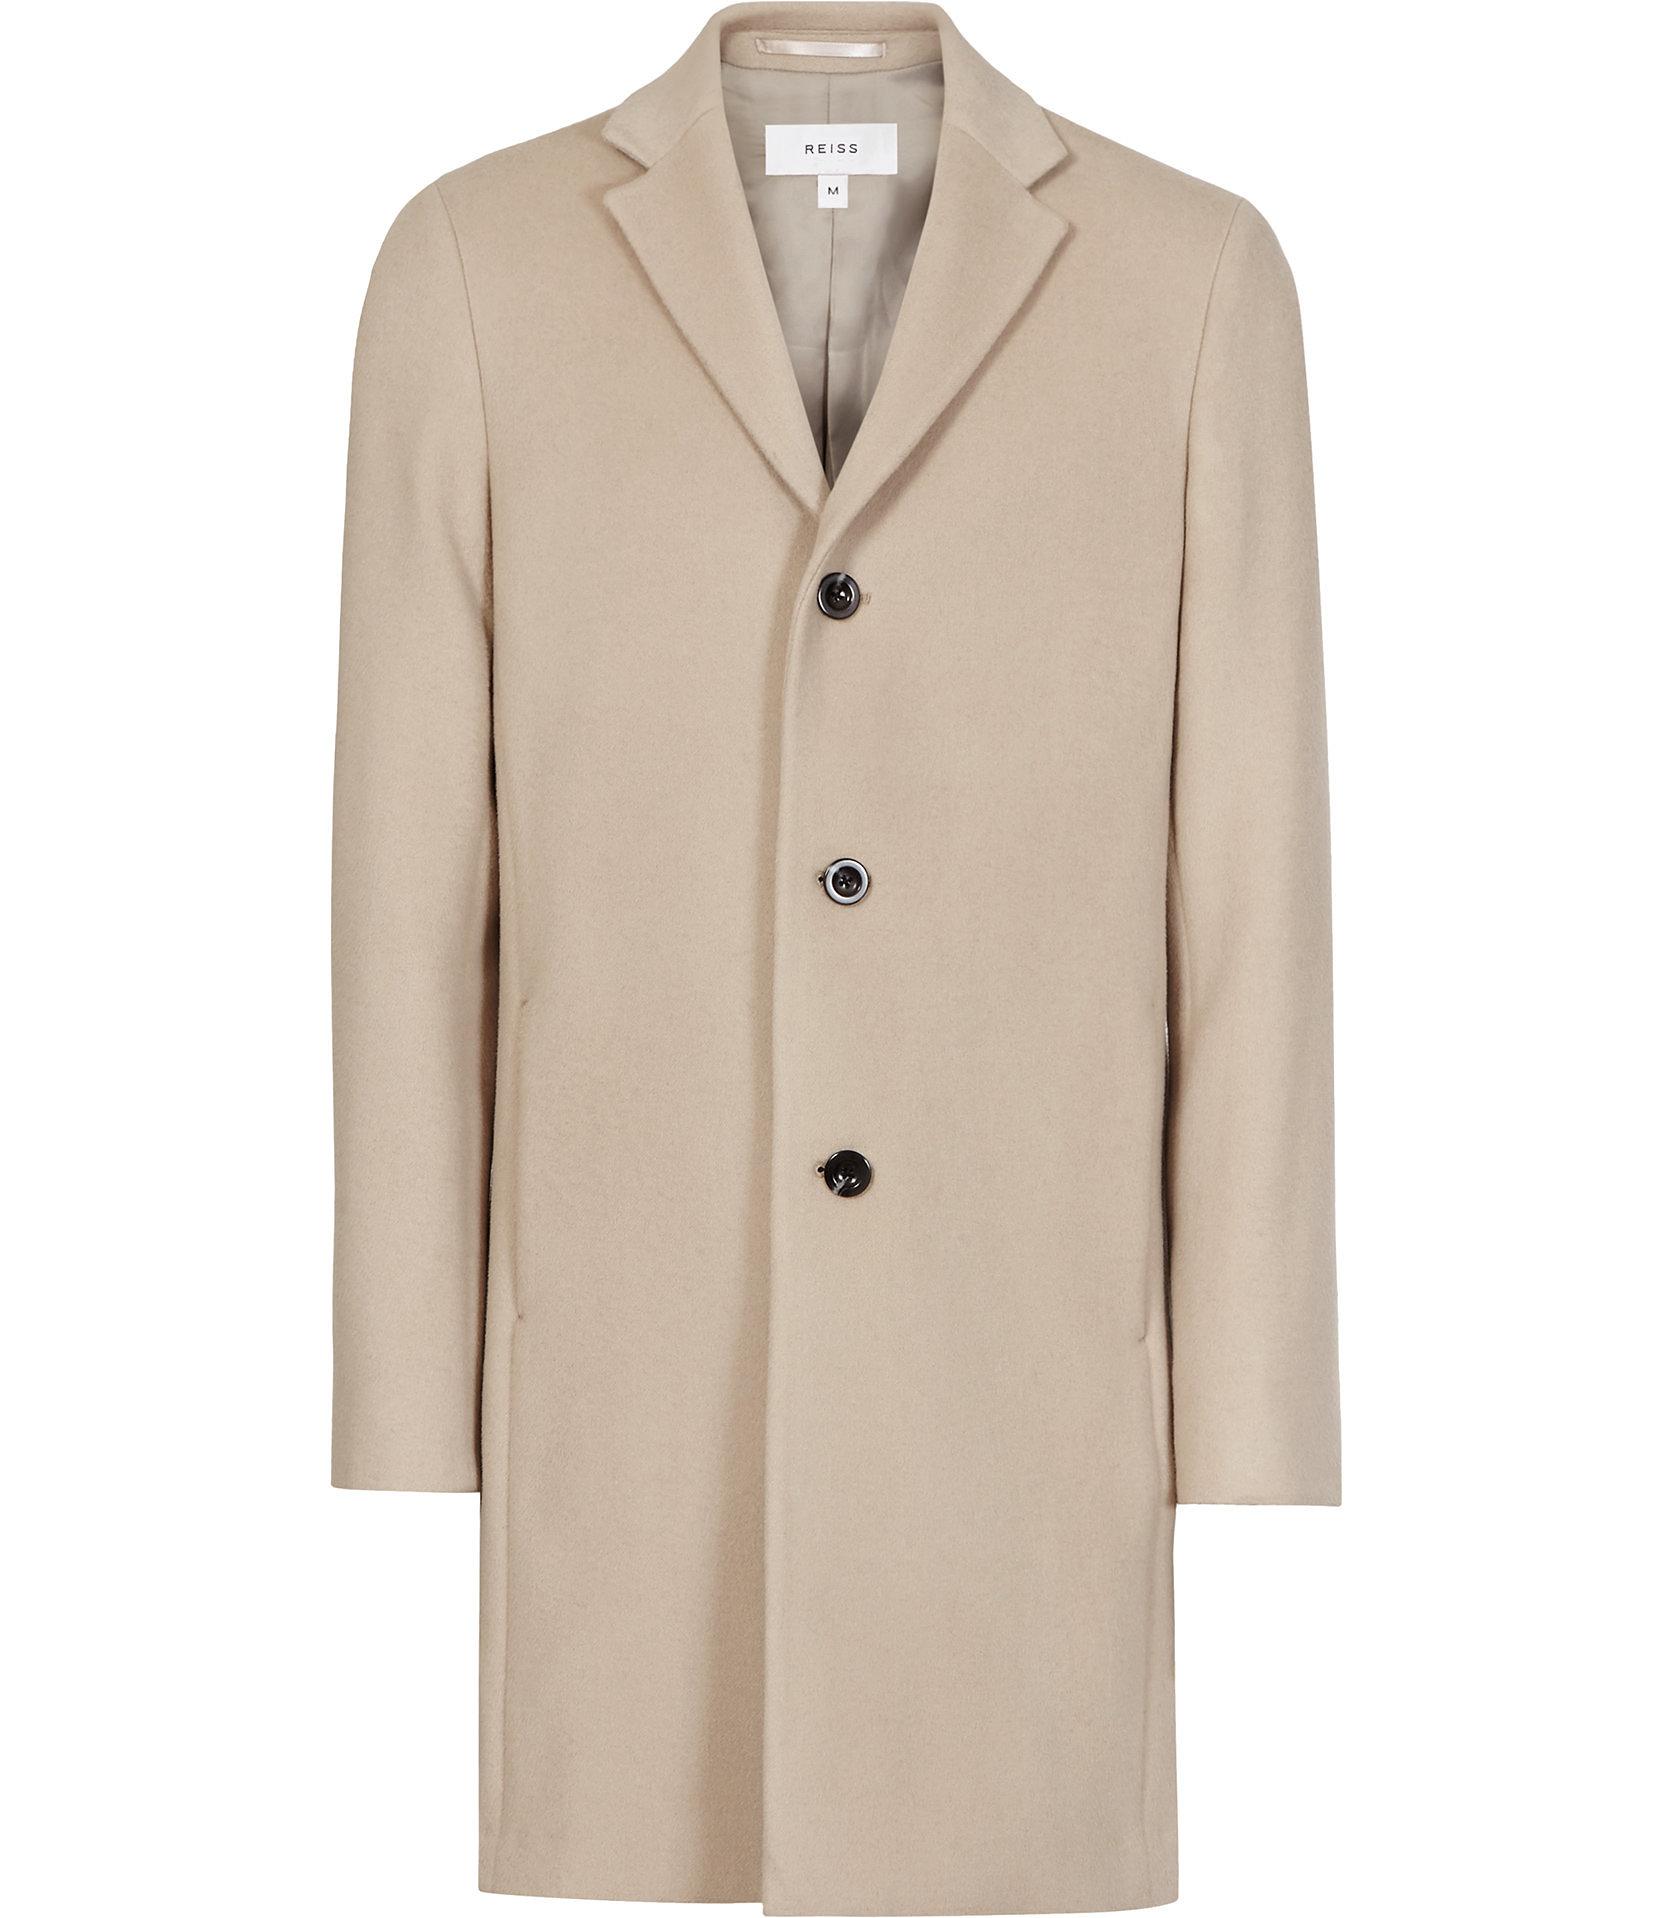 Reiss Beige Overcoat